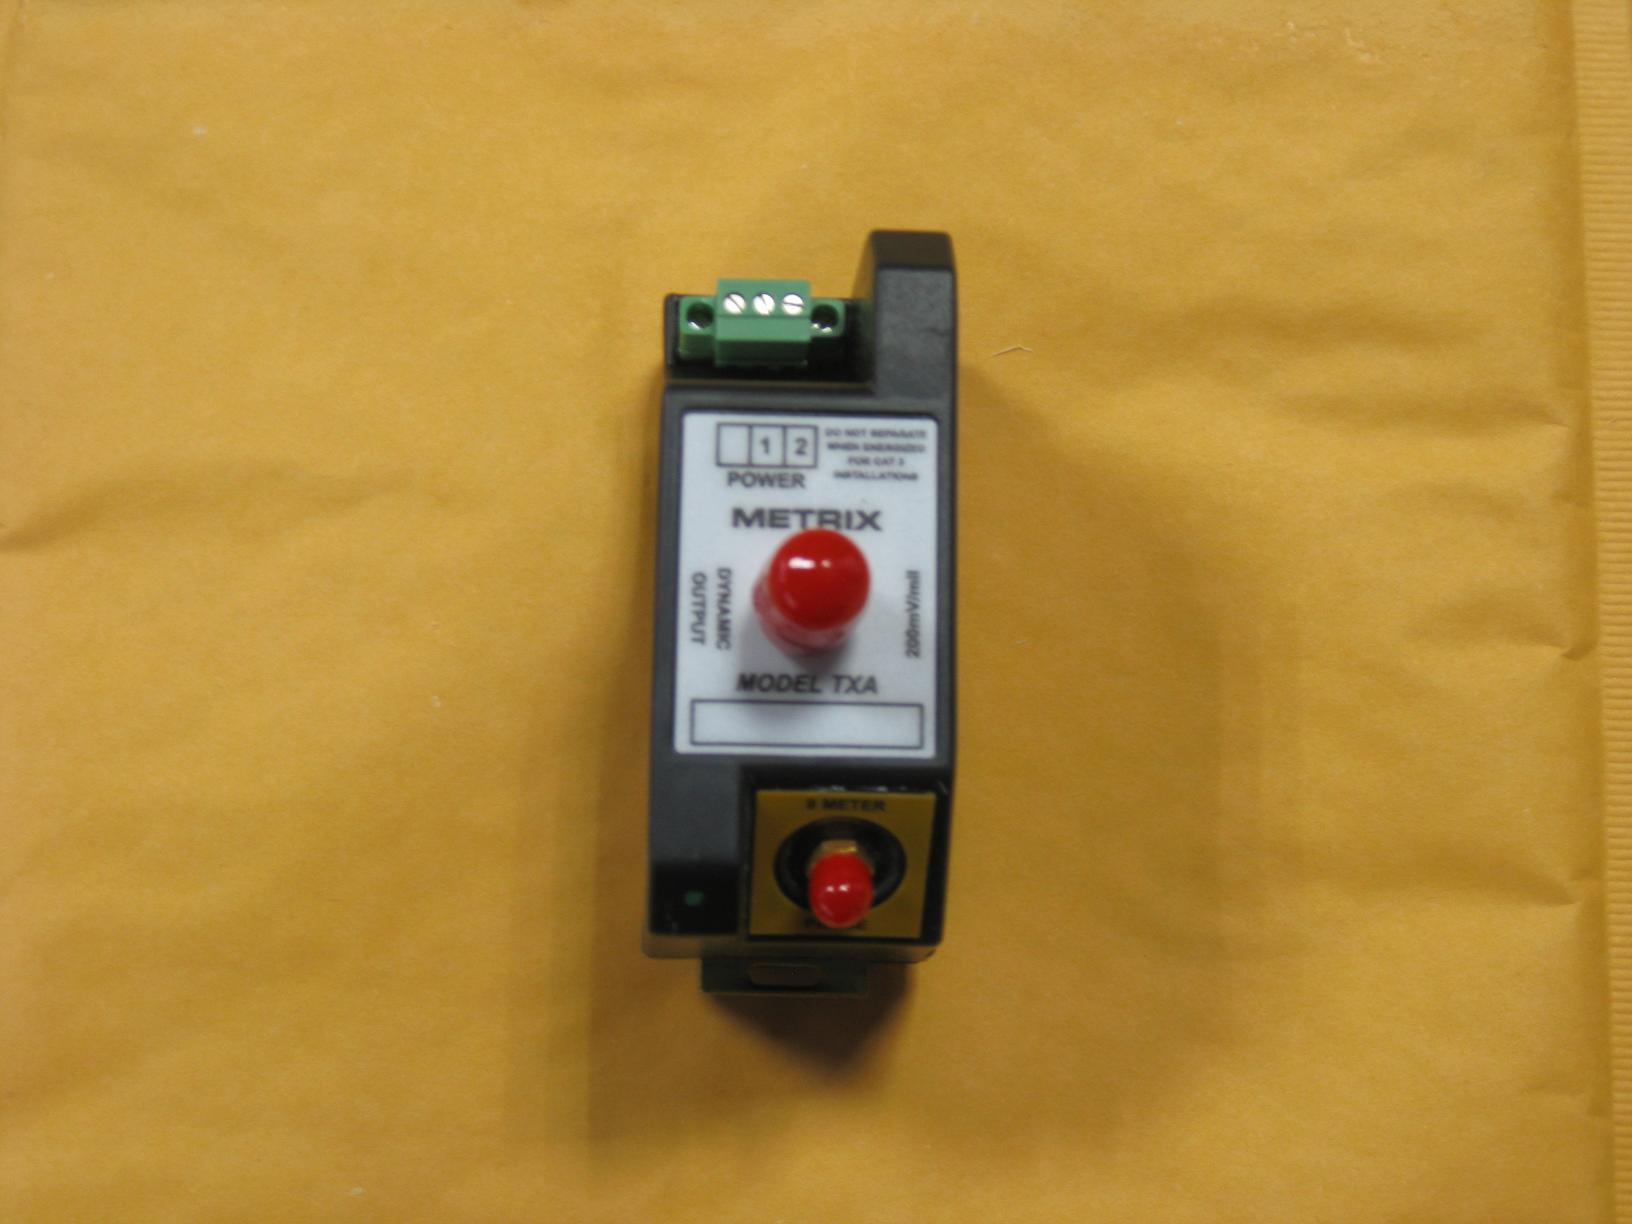 e72900d50002664f_迈确传感器txa-72900